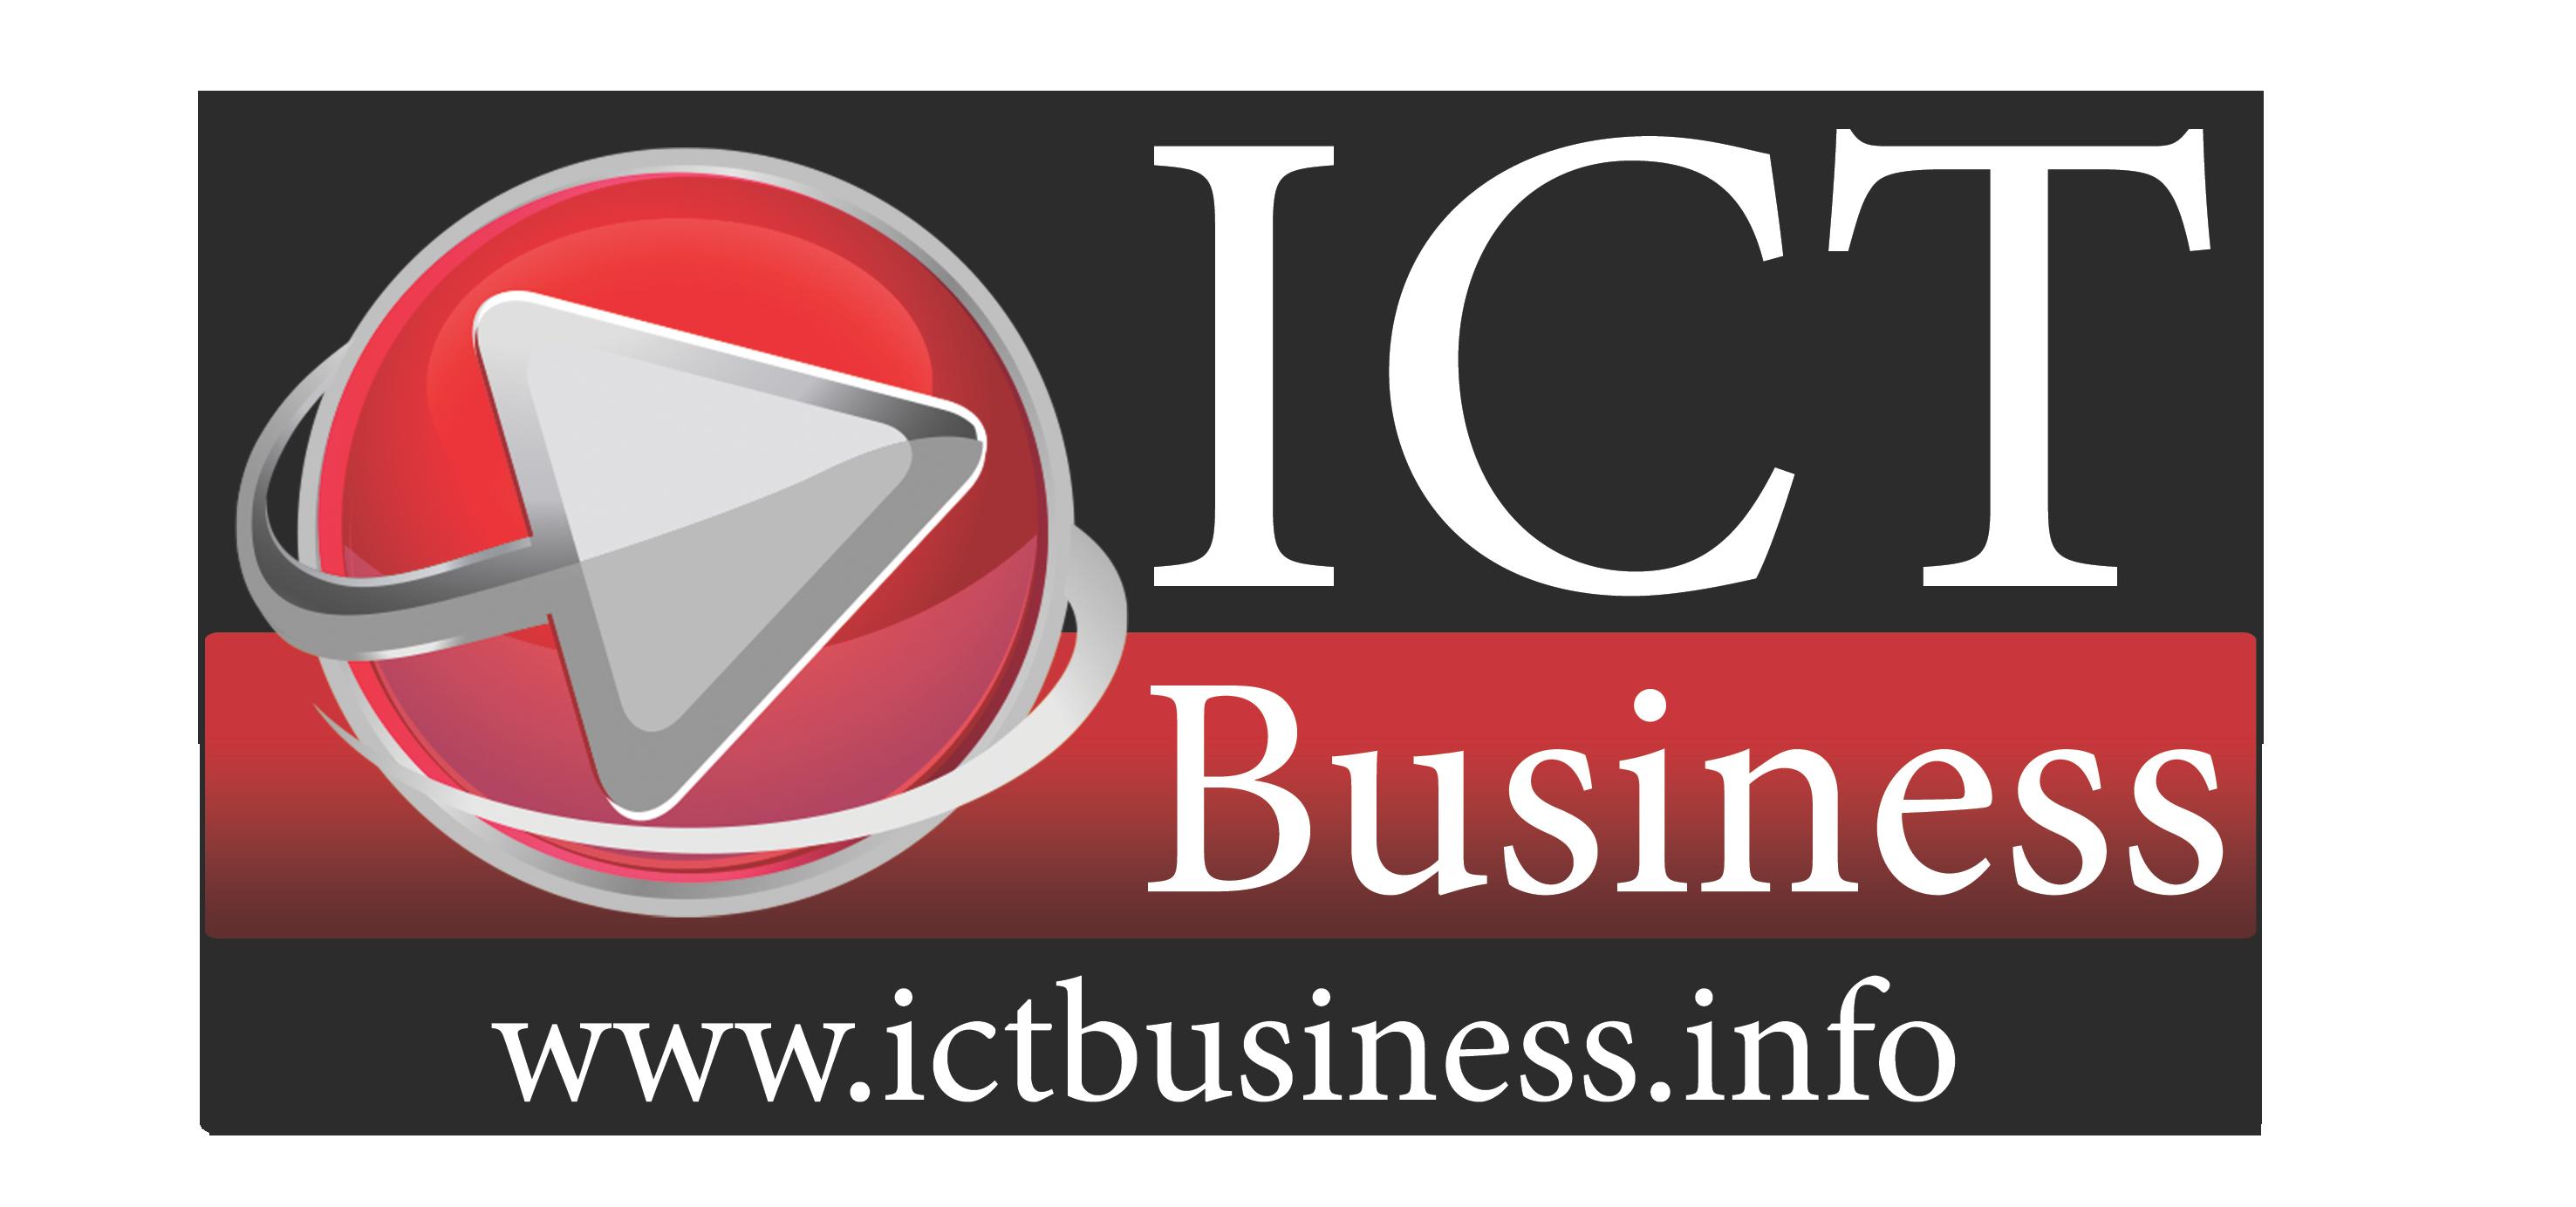 Ictbiz logo 2 cmyk